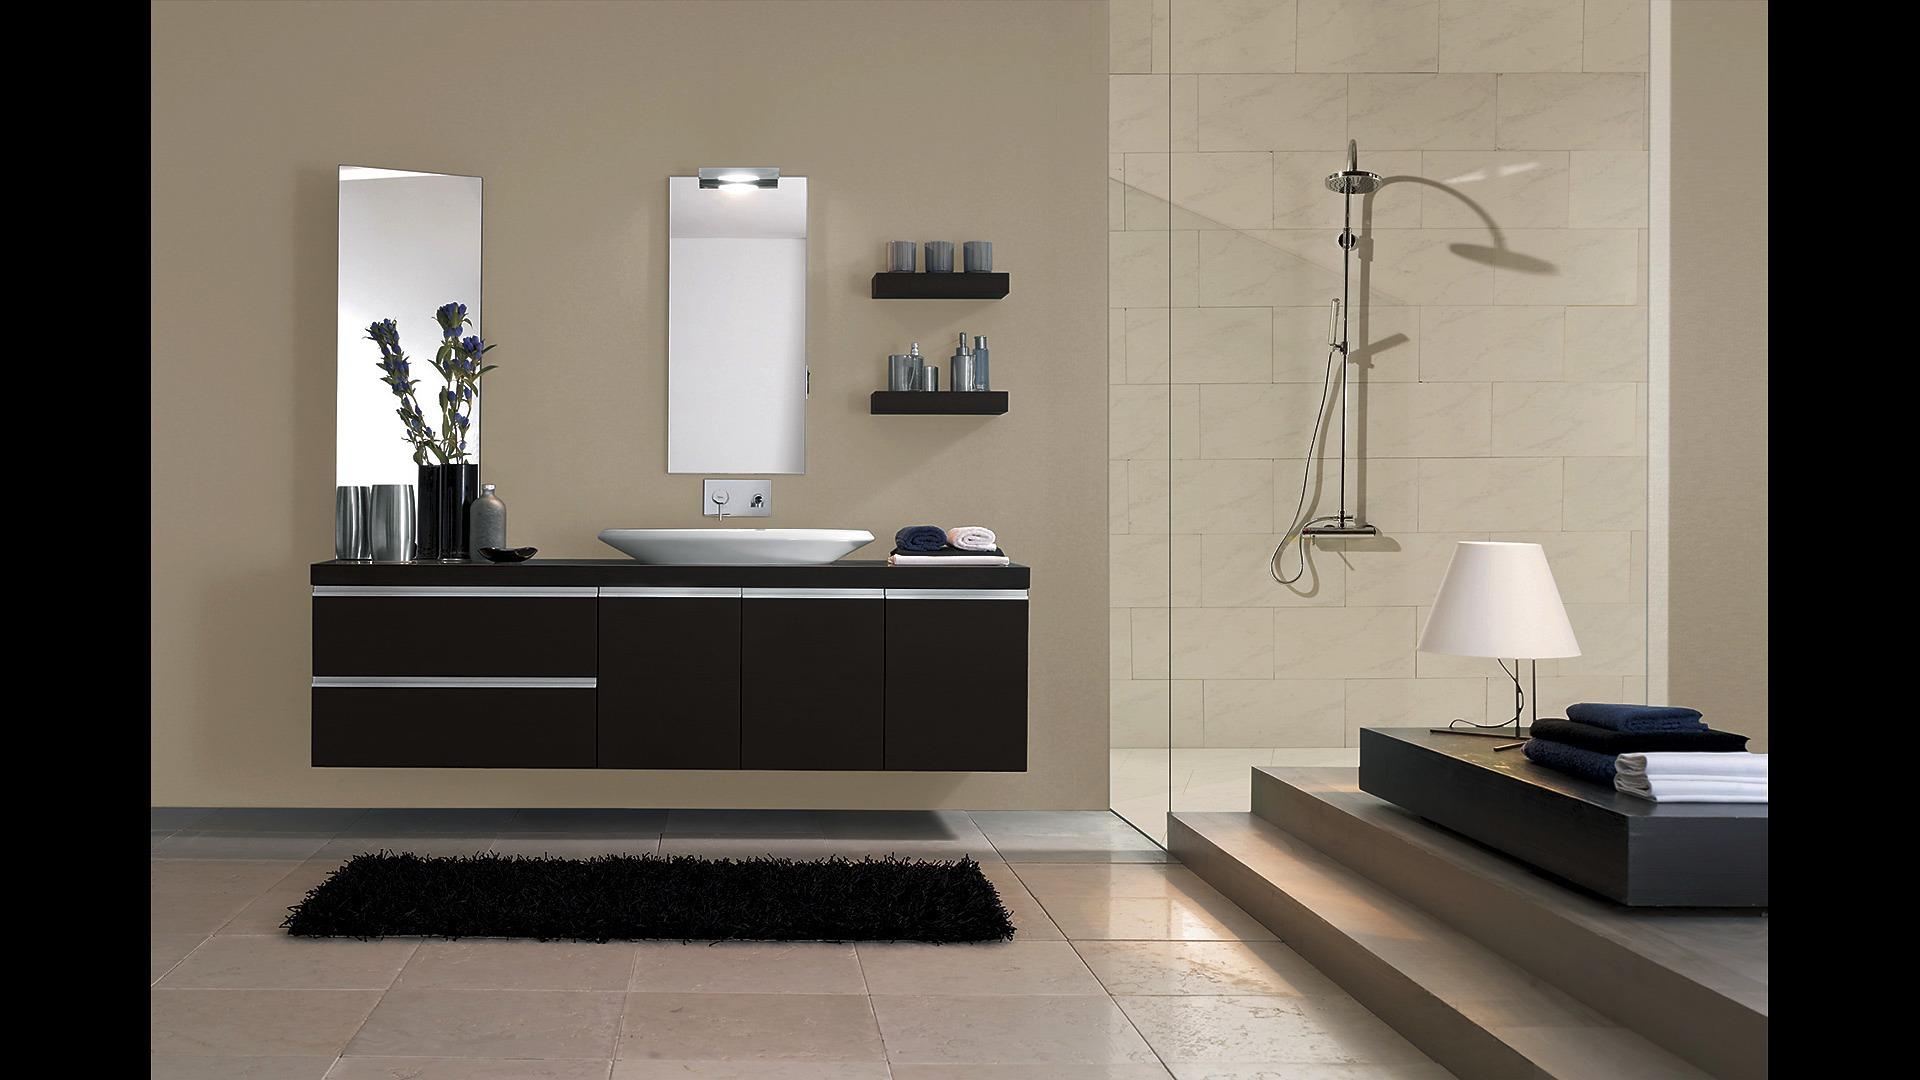 Idee Arredo Bagno In Muratura.Bagno In Muratura Moderno Simple Lavabo Bagno Muratura Moderno